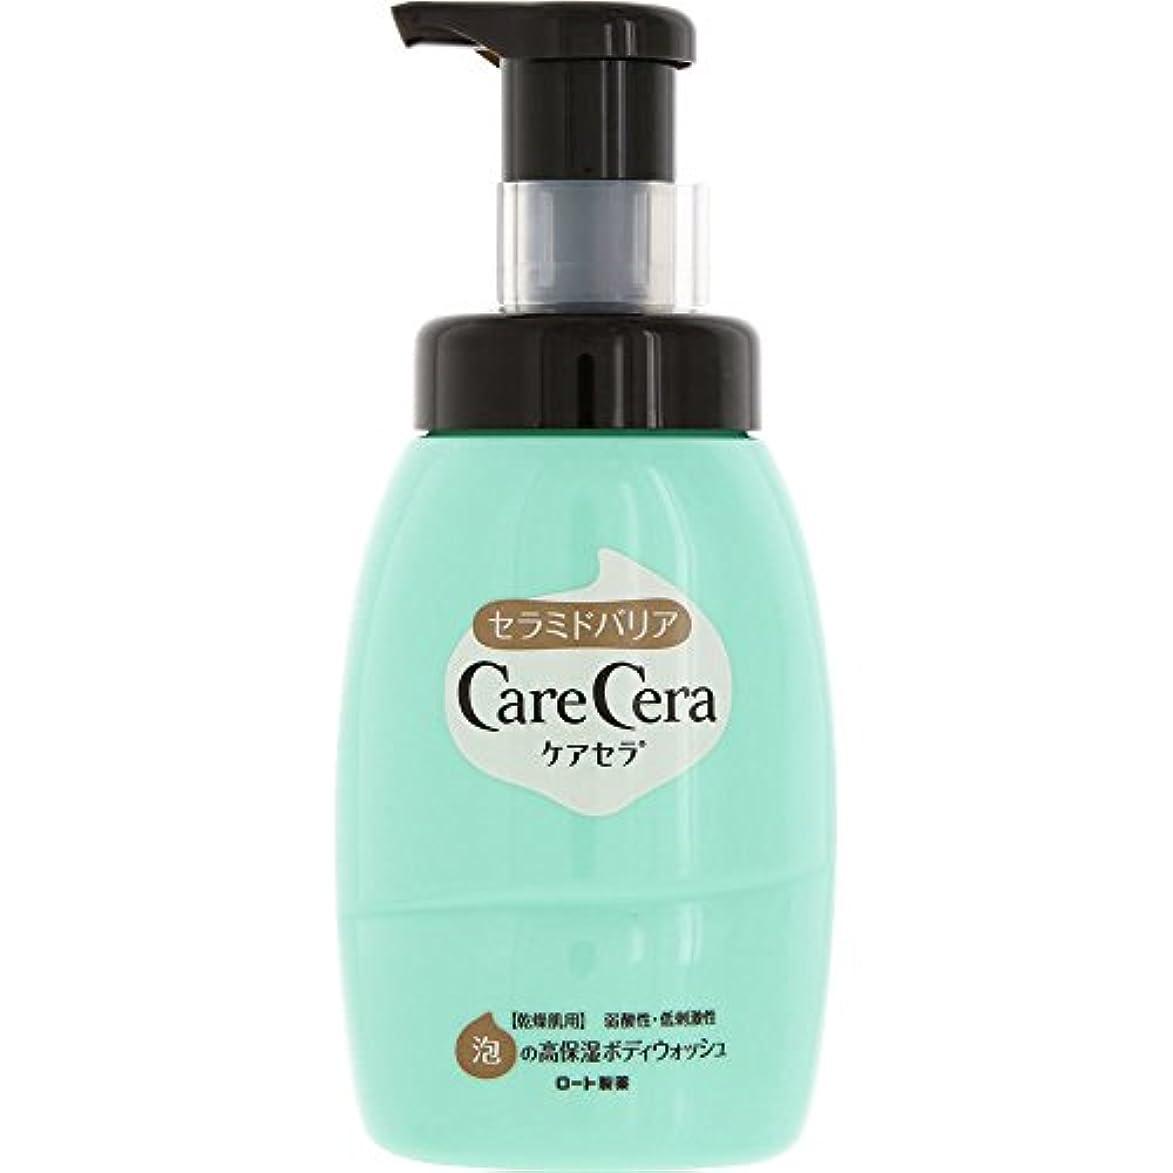 ボーダー崇拝しますみなさんケアセラ(CareCera) ロート製薬 ケアセラ  天然型セラミド7種配合 セラミド濃度10倍泡の高保湿 全身ボディウォッシュ ピュアフローラルの香り お試し企画品 300mL